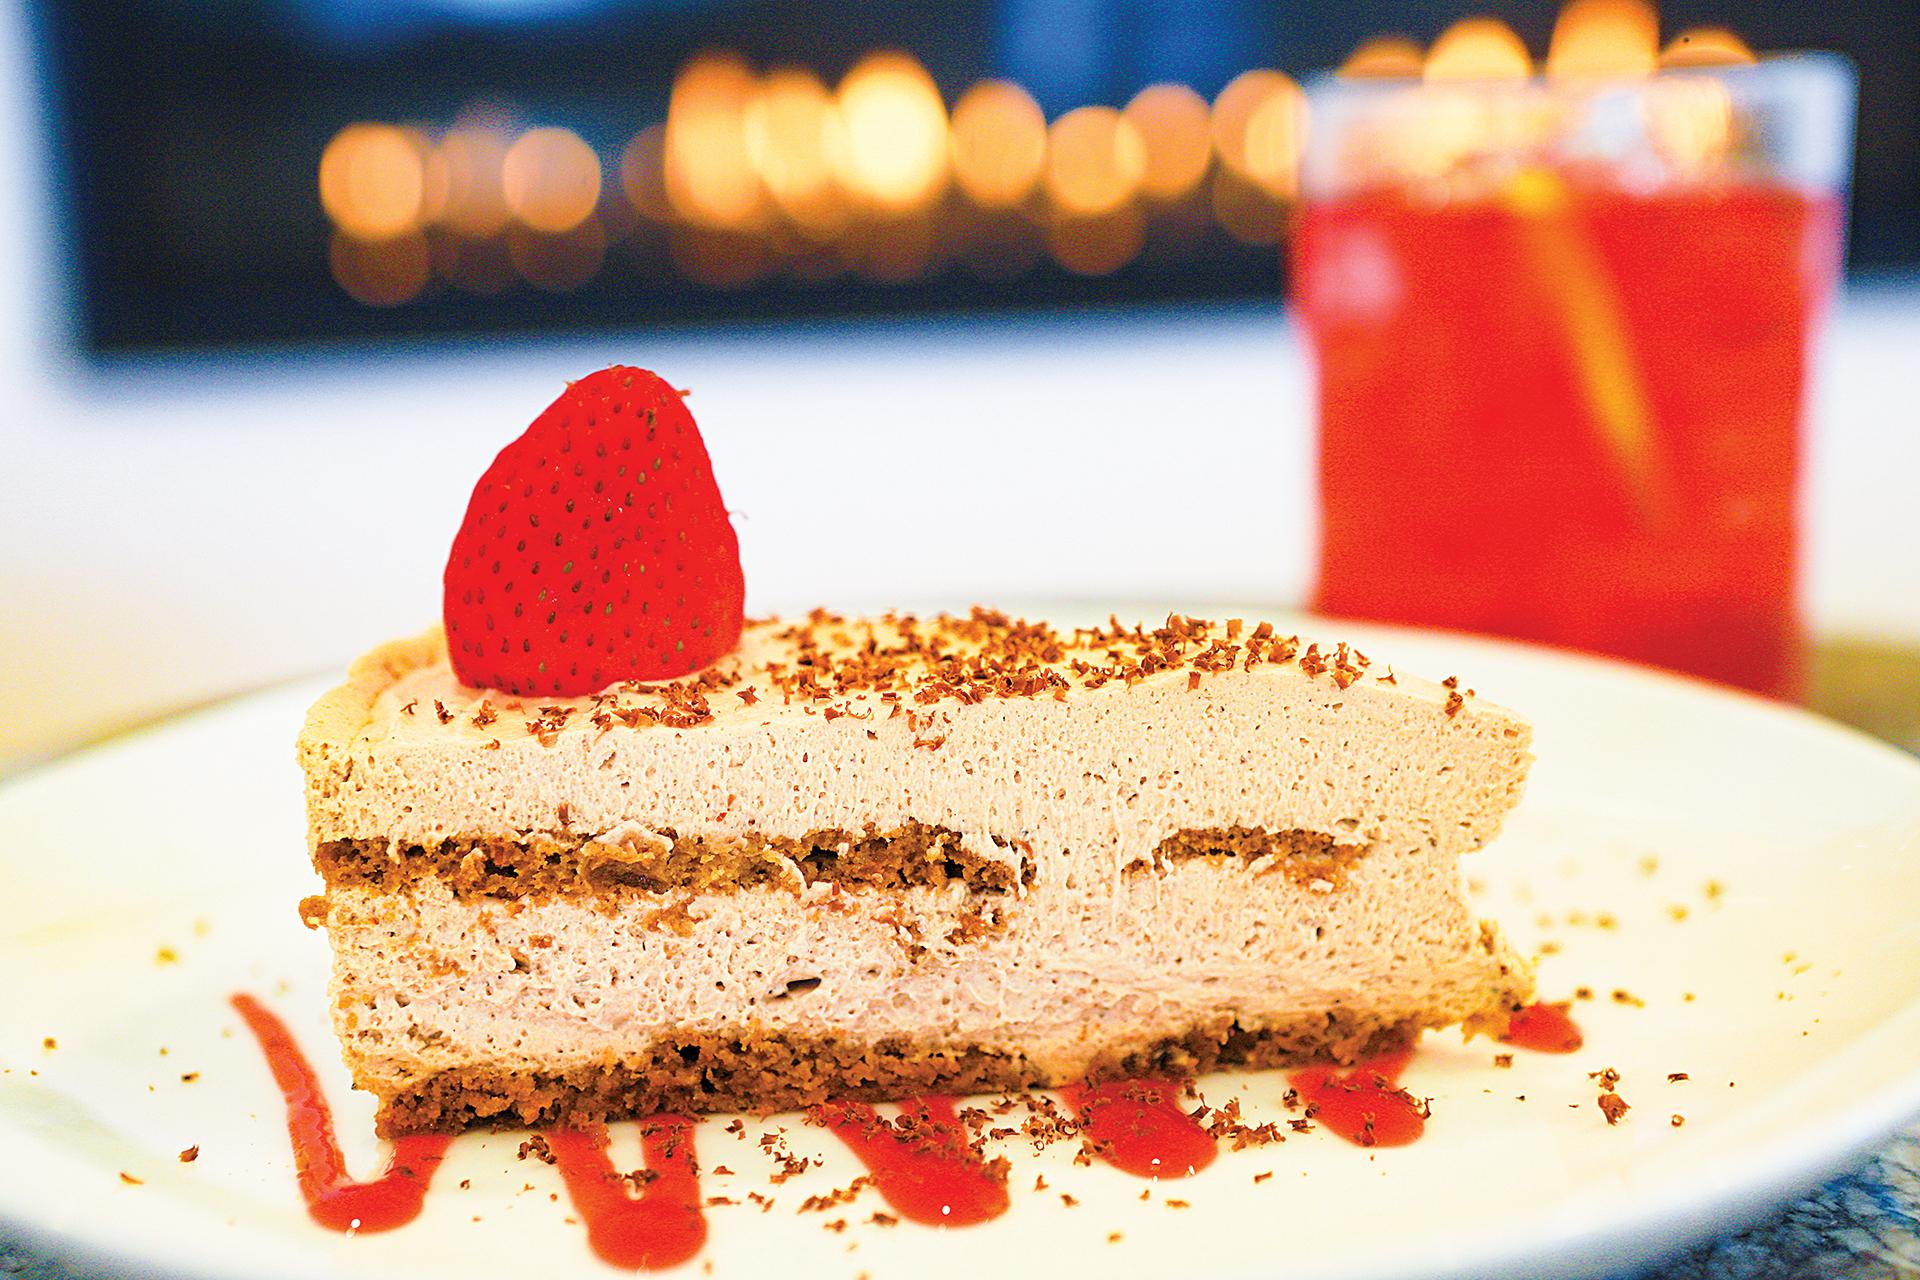 highlands-nc-restaurant-fire-water-dessert